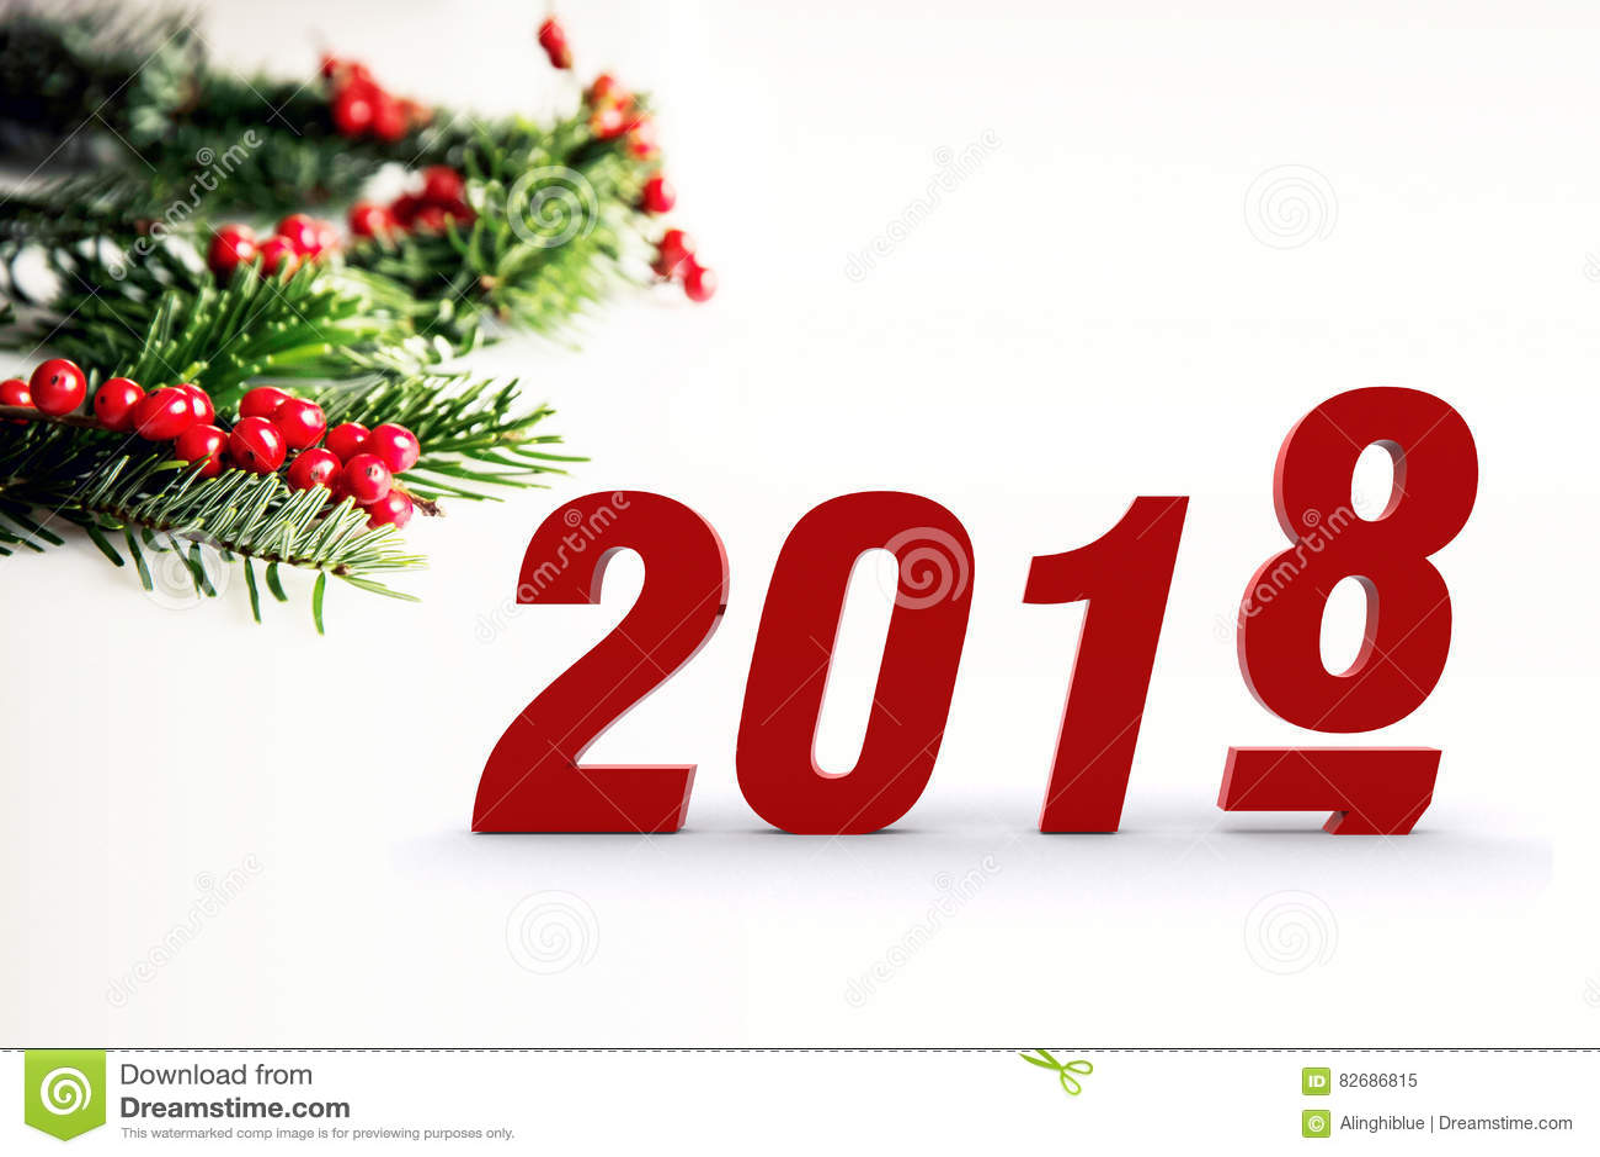 Hello 2018 Stock Photo - Image: 82686815